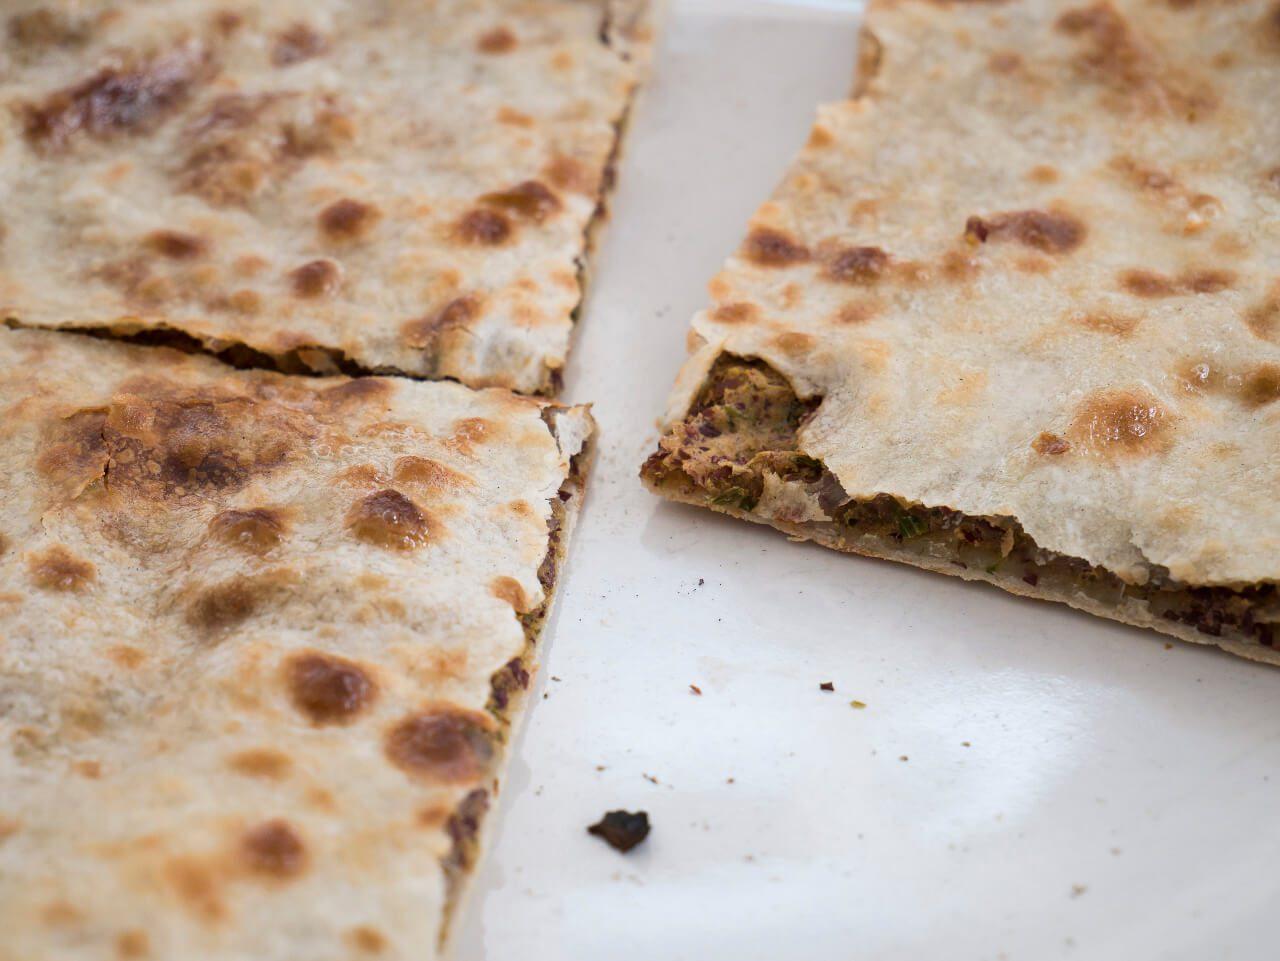 Kuchnia gruzińska - Zbliżenie na kubdari- danie kuchni gruzińskiej